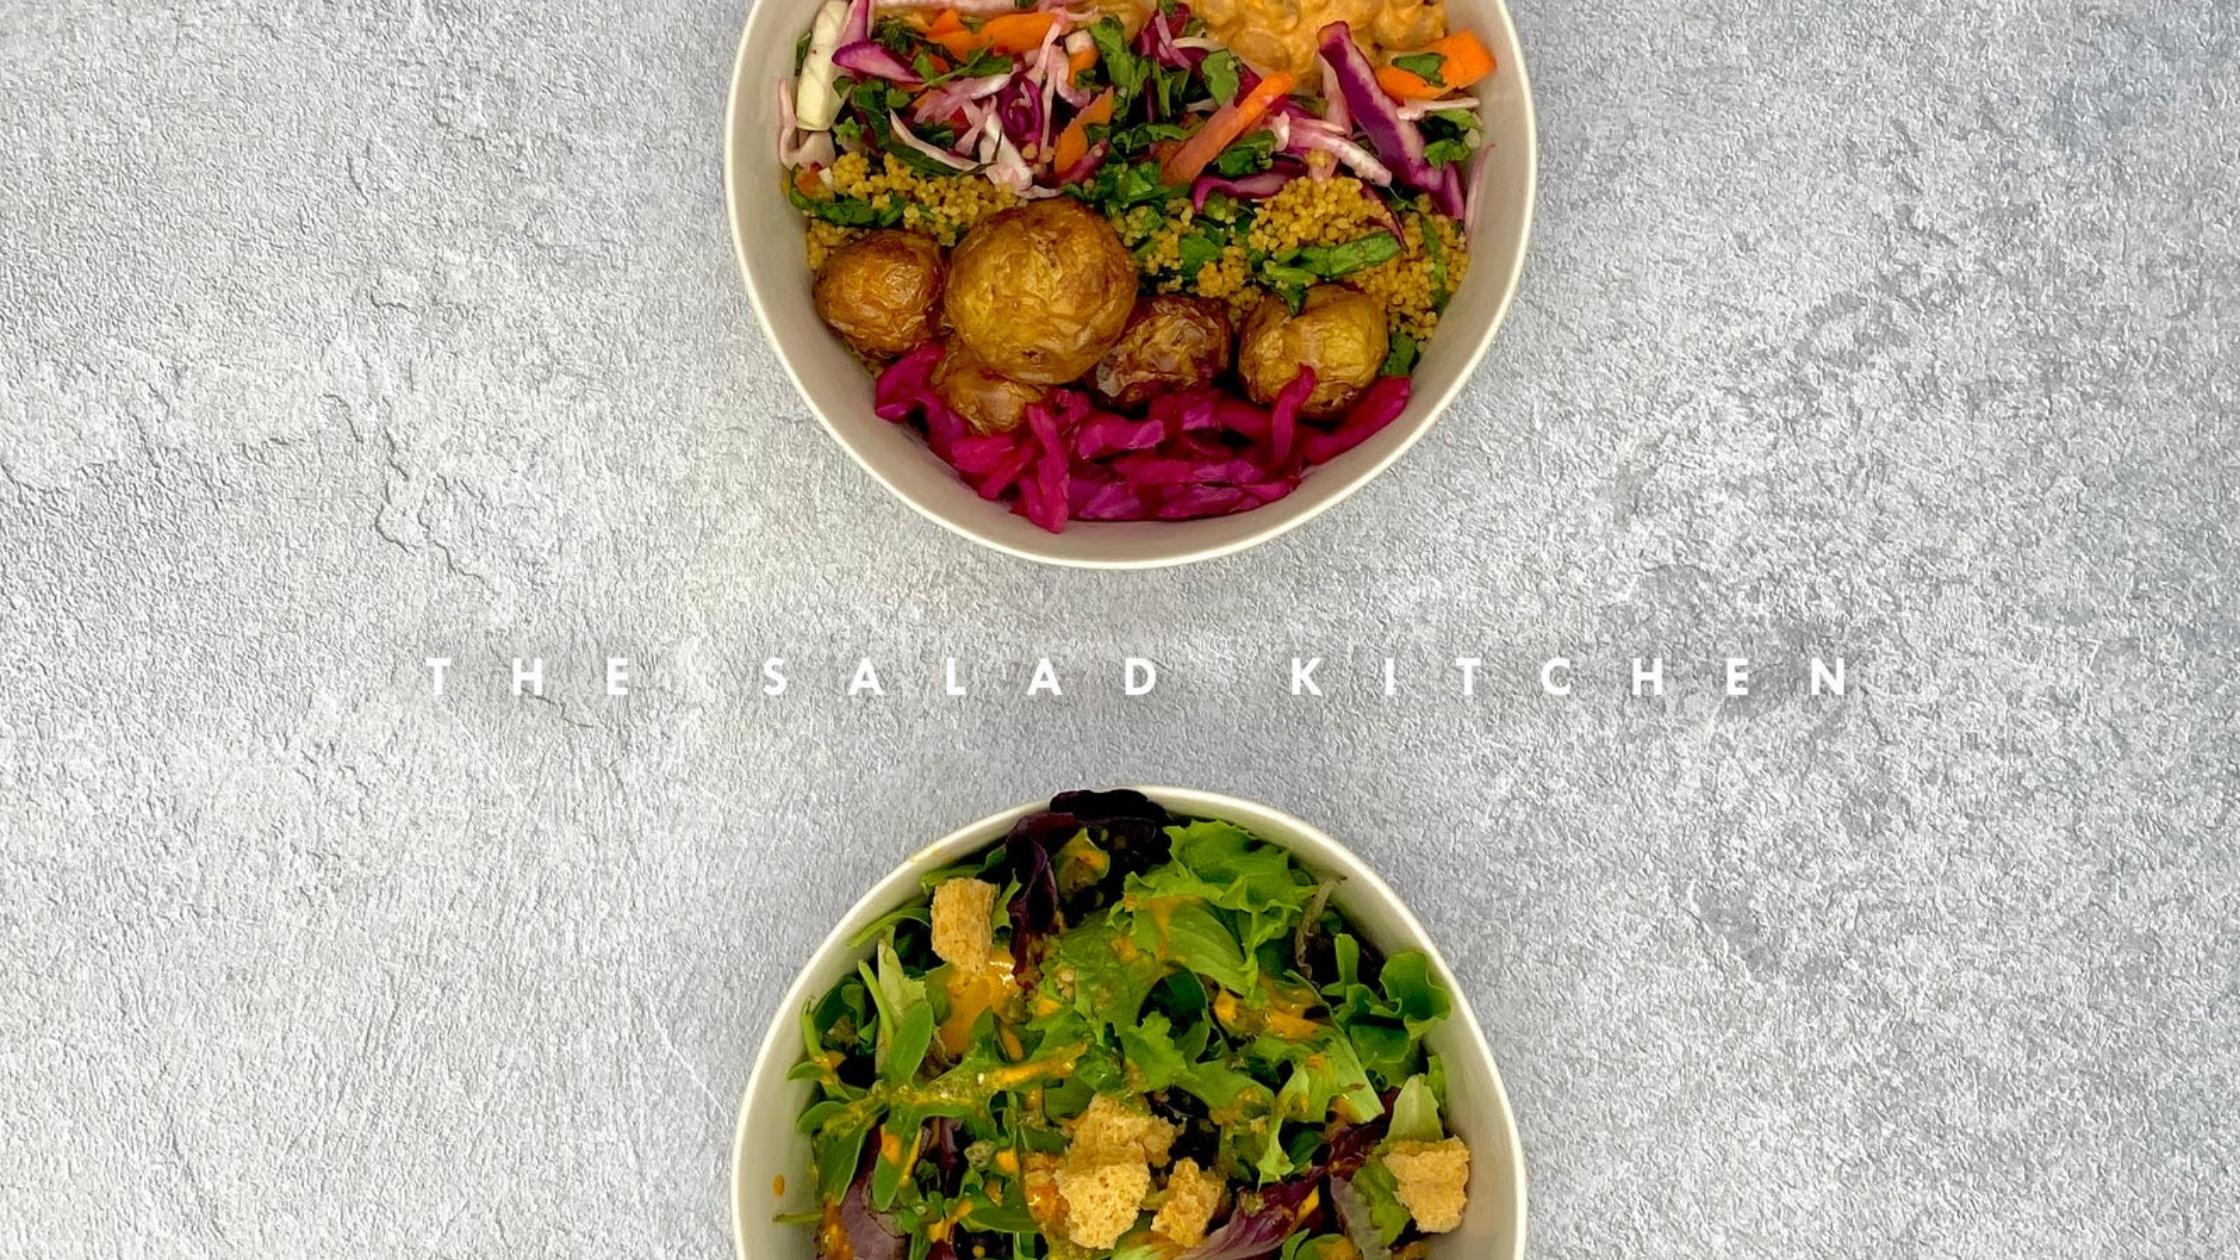 Salad Kitchen's CrunchBox